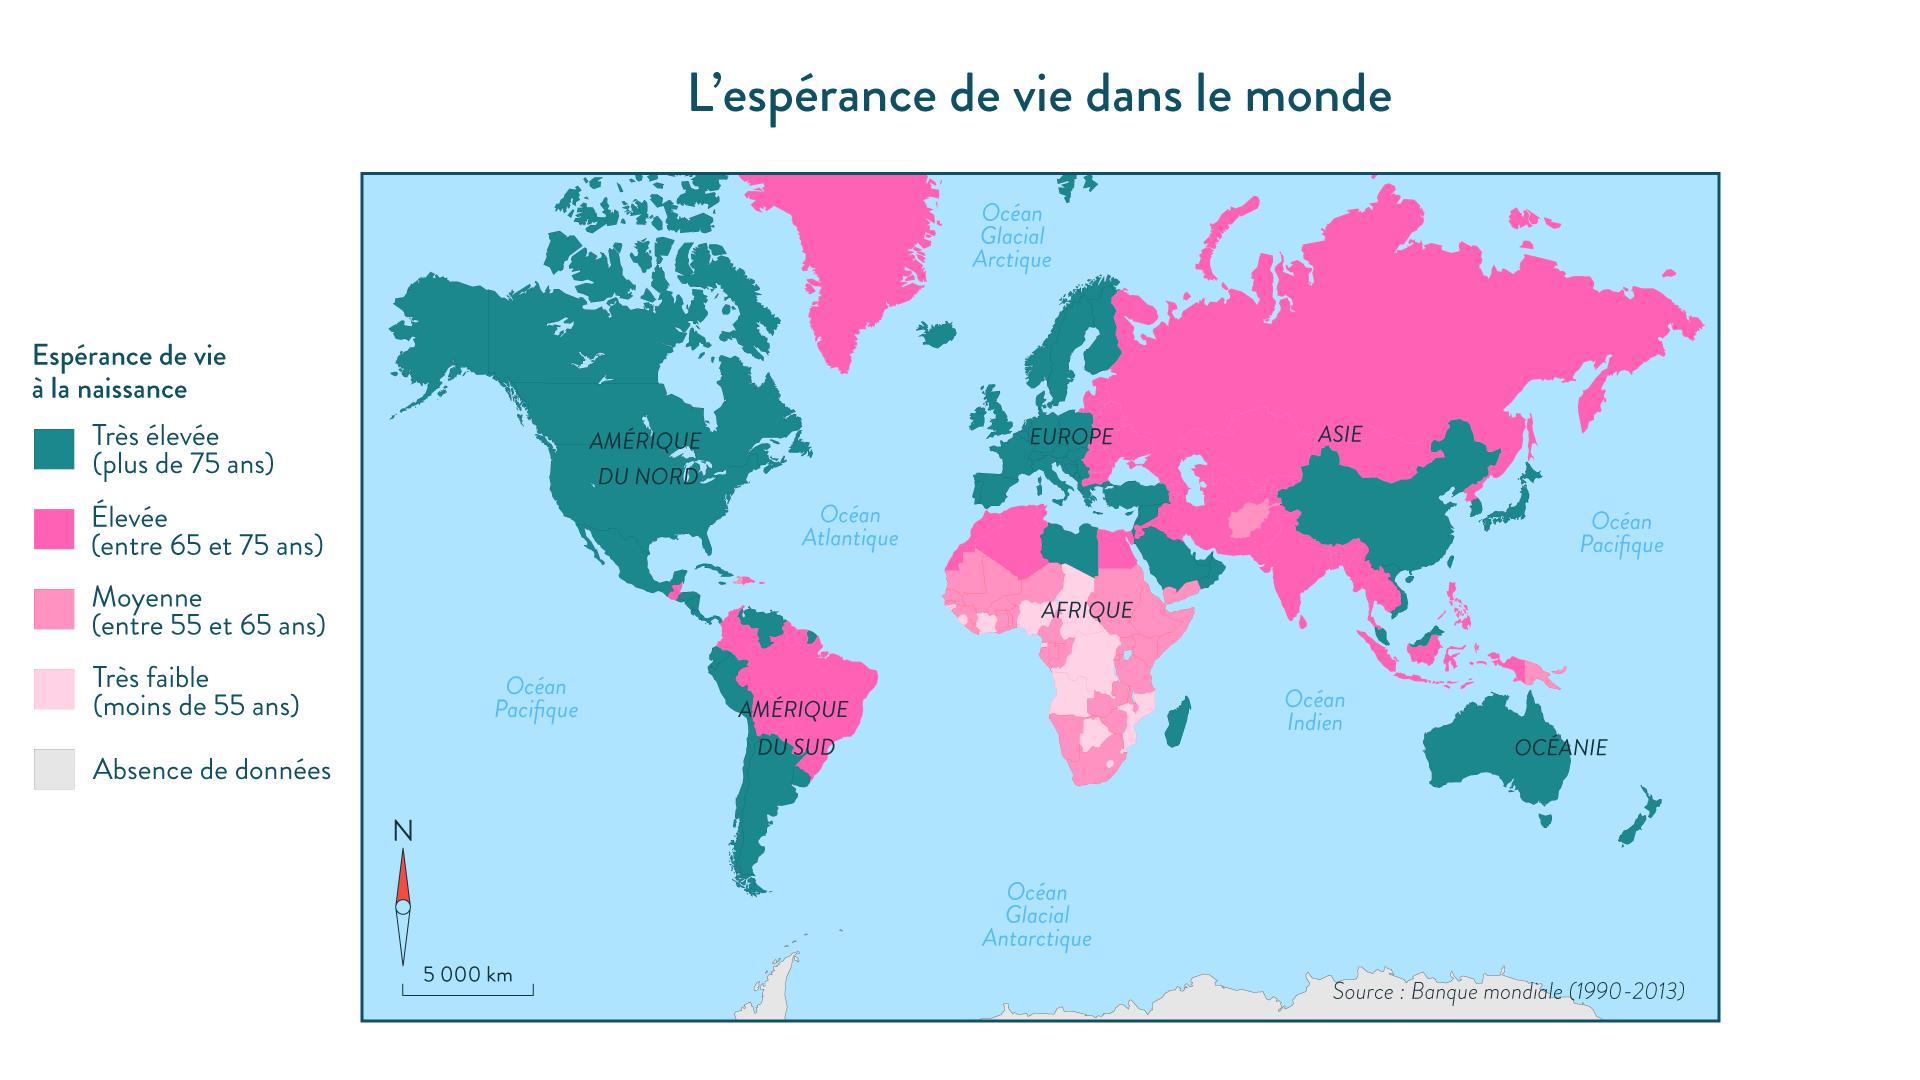 L'espérance de vie dans le monde. Source: Banque mondiale (1990-2013)